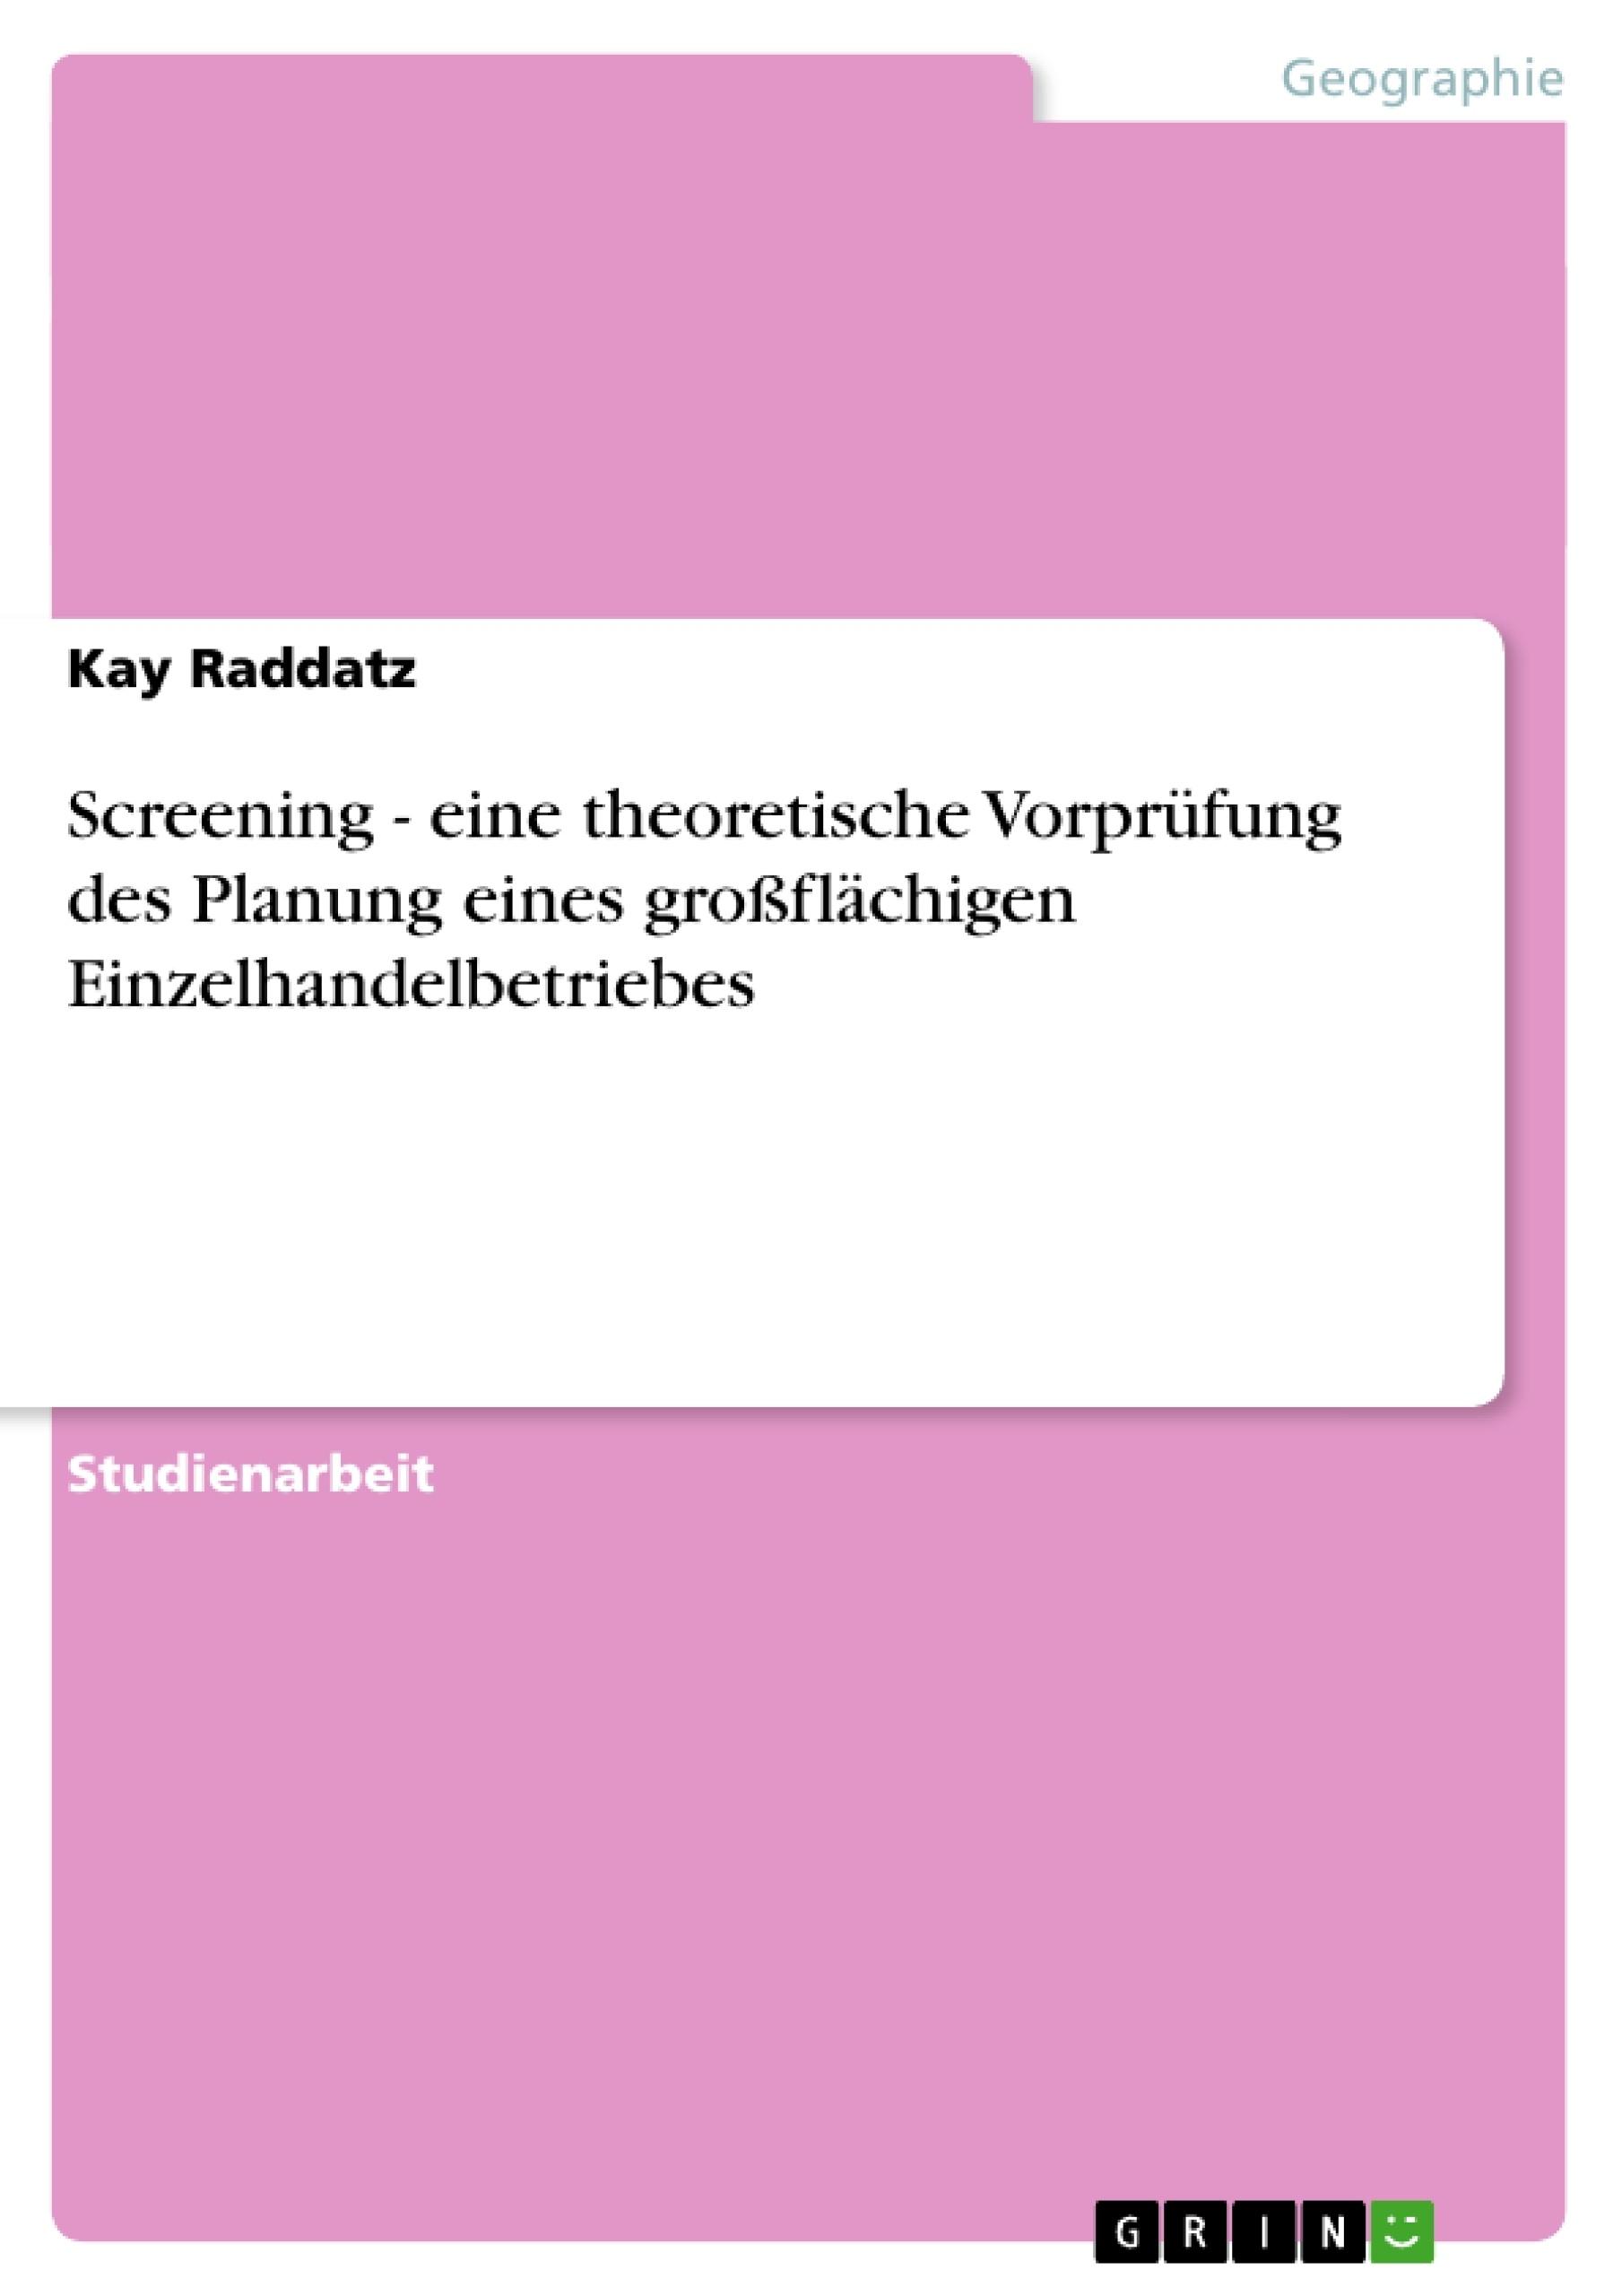 Titel: Screening - eine theoretische Vorprüfung des Planung eines großflächigen Einzelhandelbetriebes